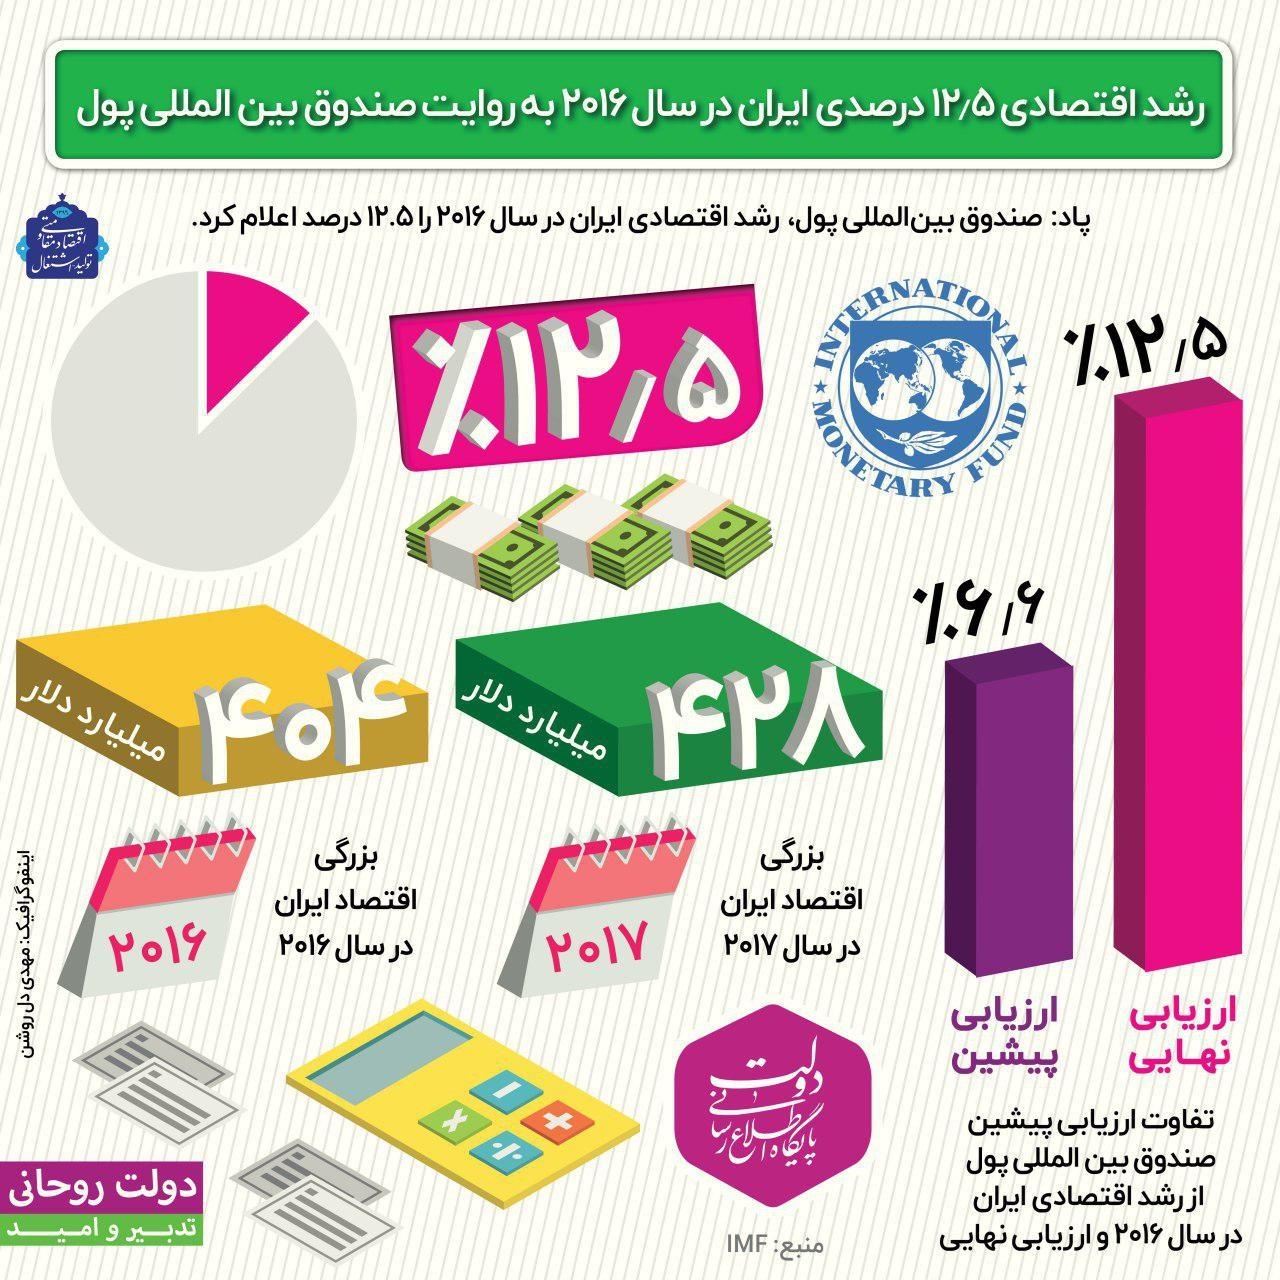 اینفوگرافیک | رشد اقتصادی ایران در سال ۲۰۱۶ به روایت صندوق بین المللی پول